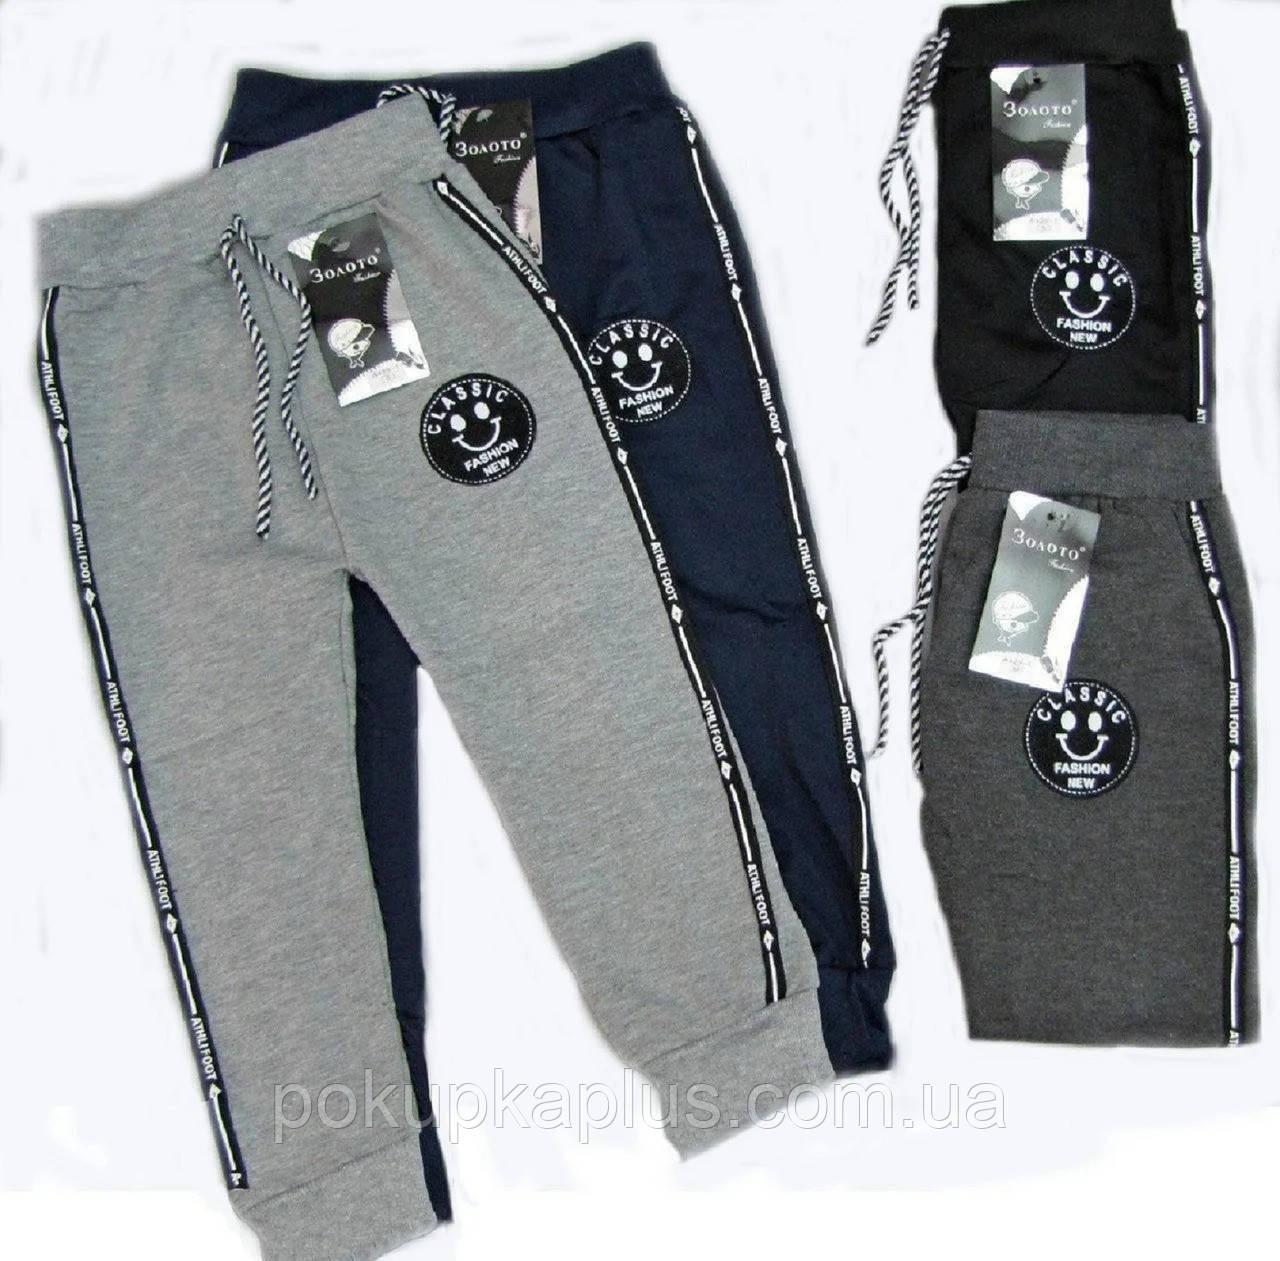 Спортивные штаны для мальчика 2-3 года Рост 98 S код 014591